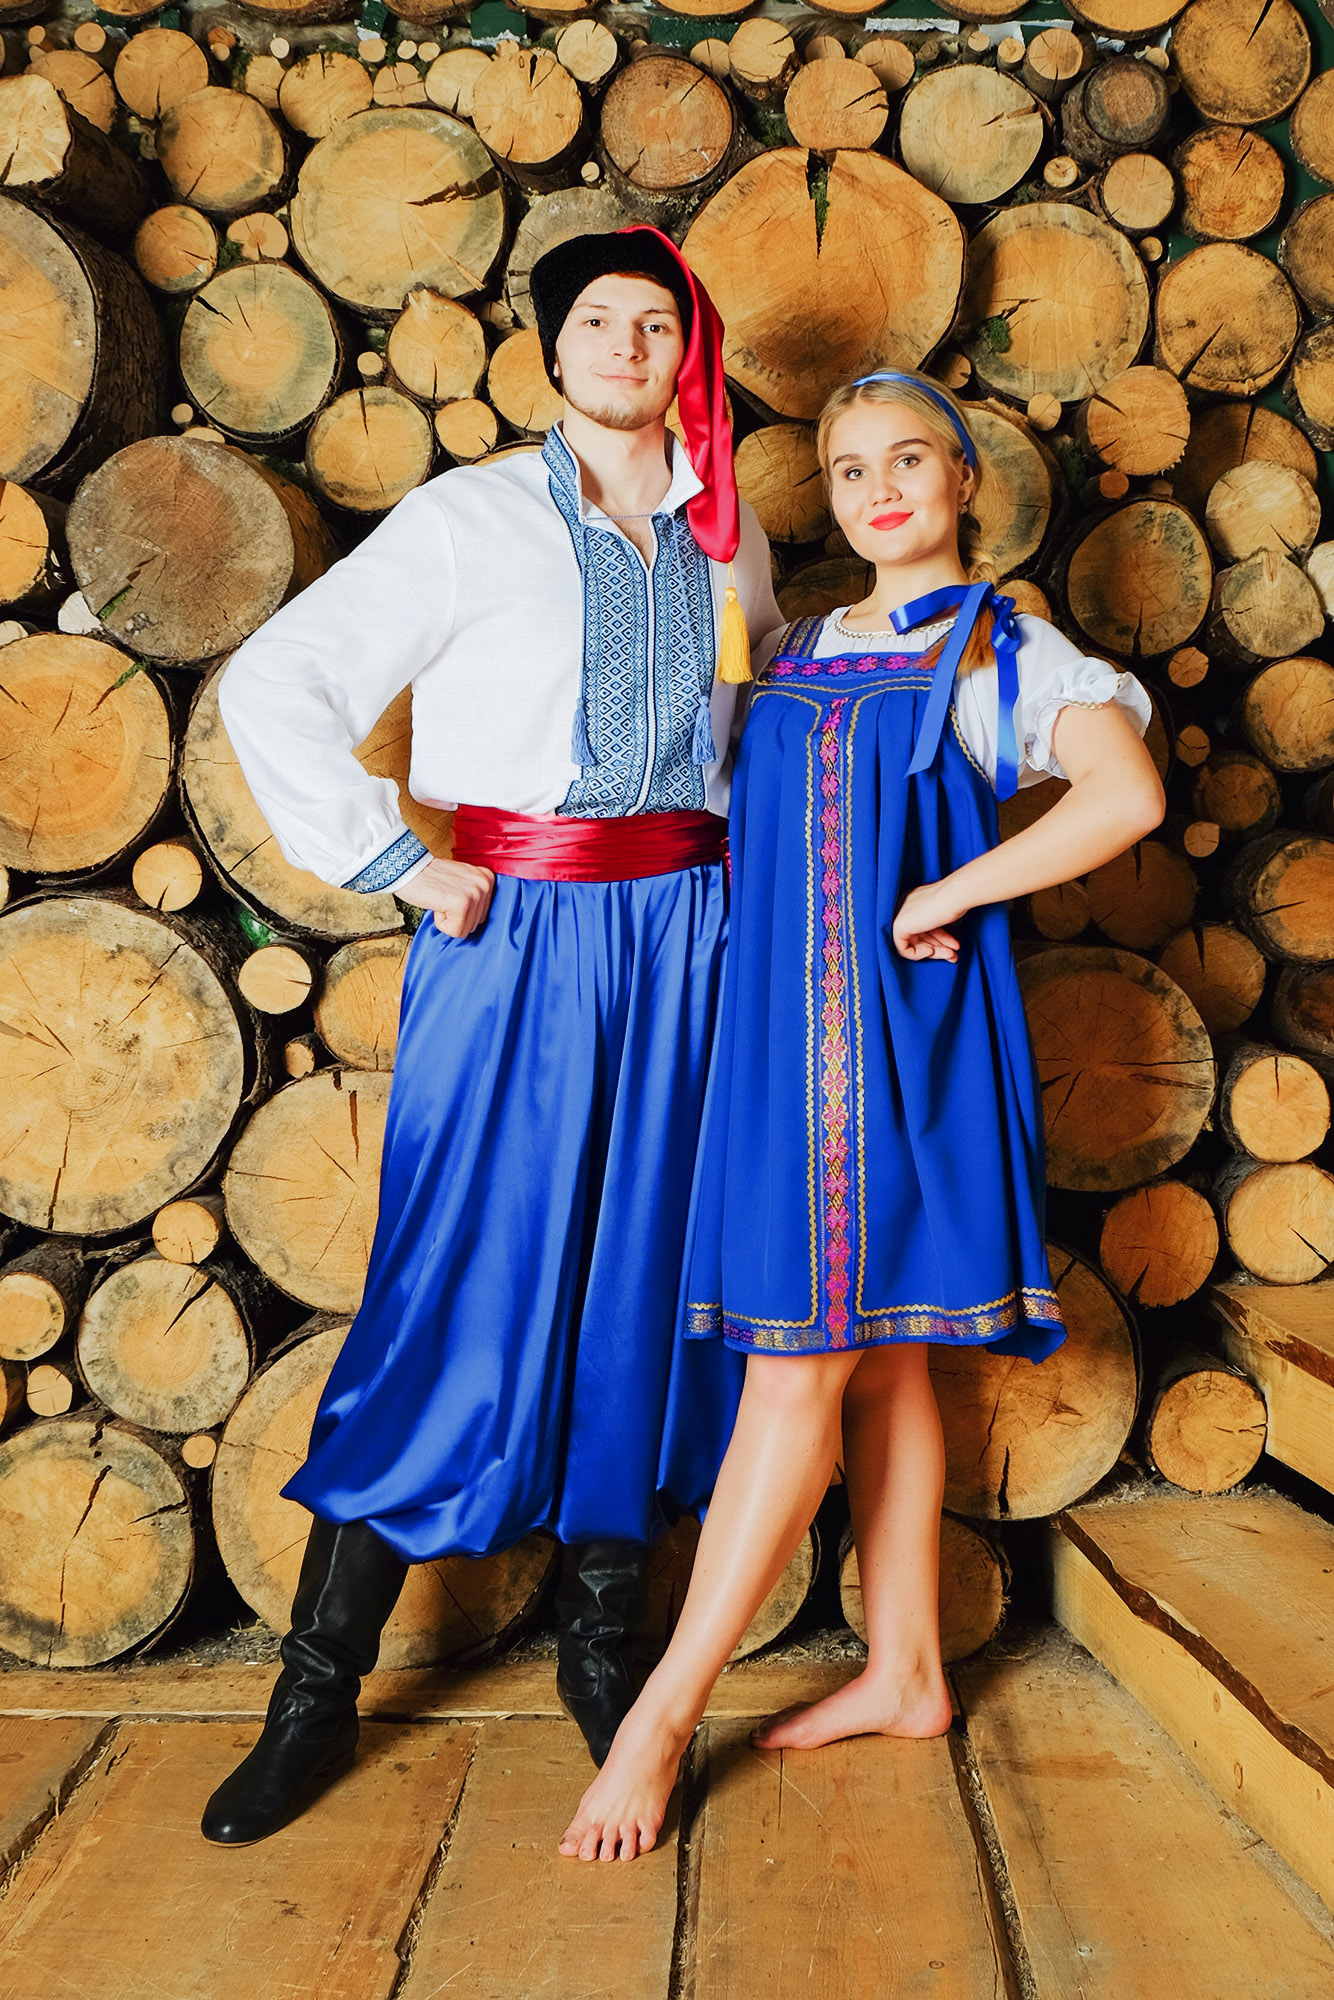 народный украинский костюм плясовой